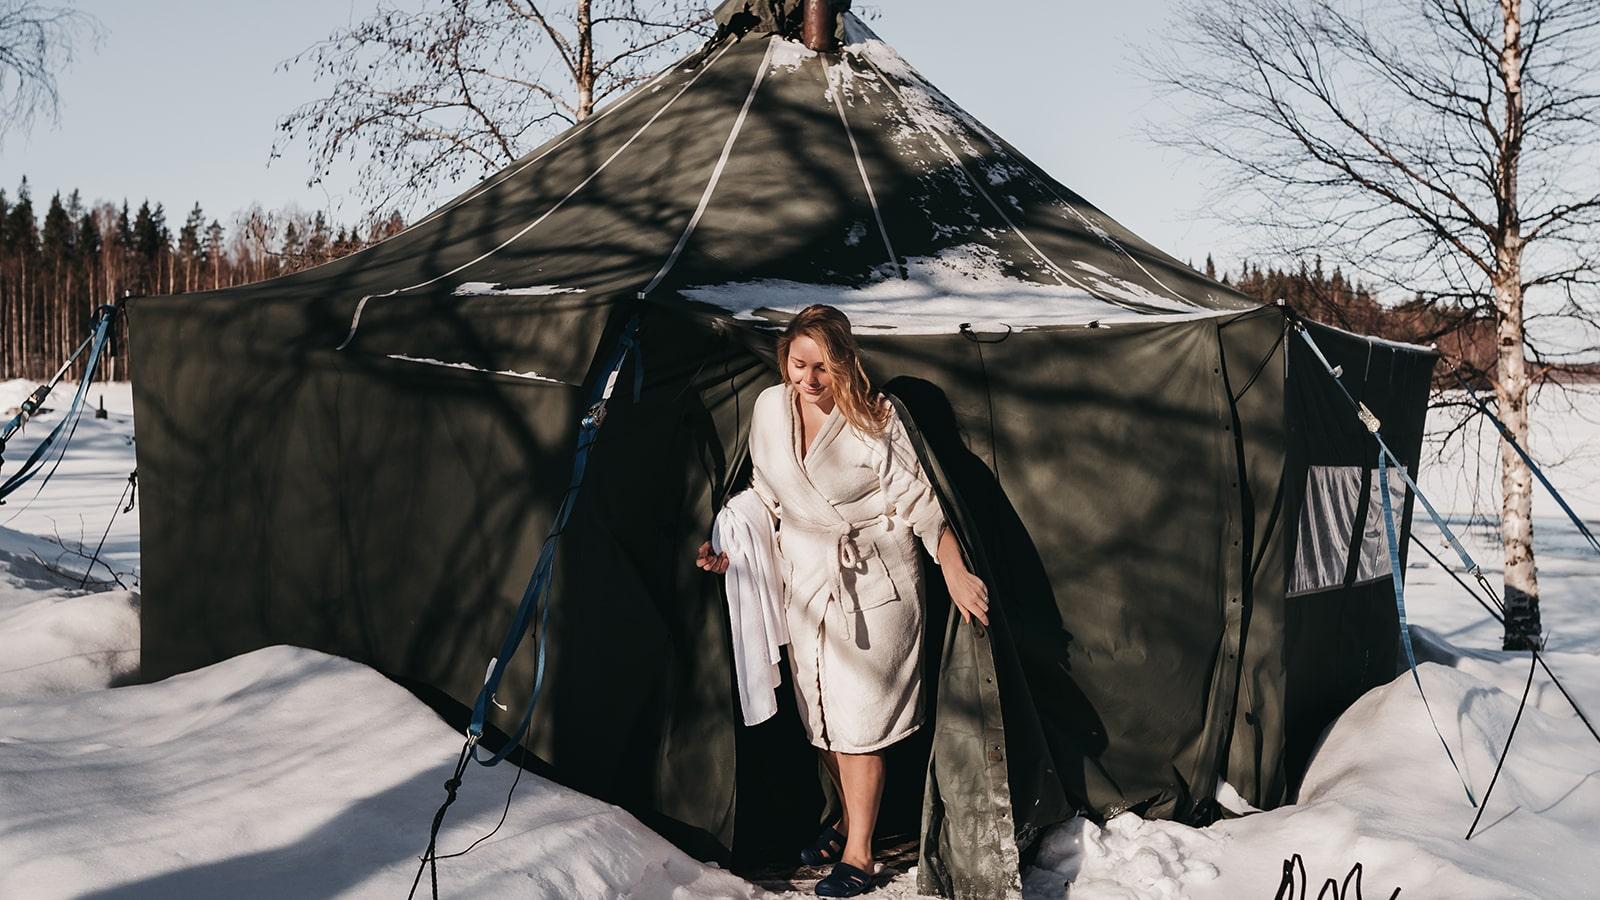 Henkilö poistumassa telttasaunasta talvella